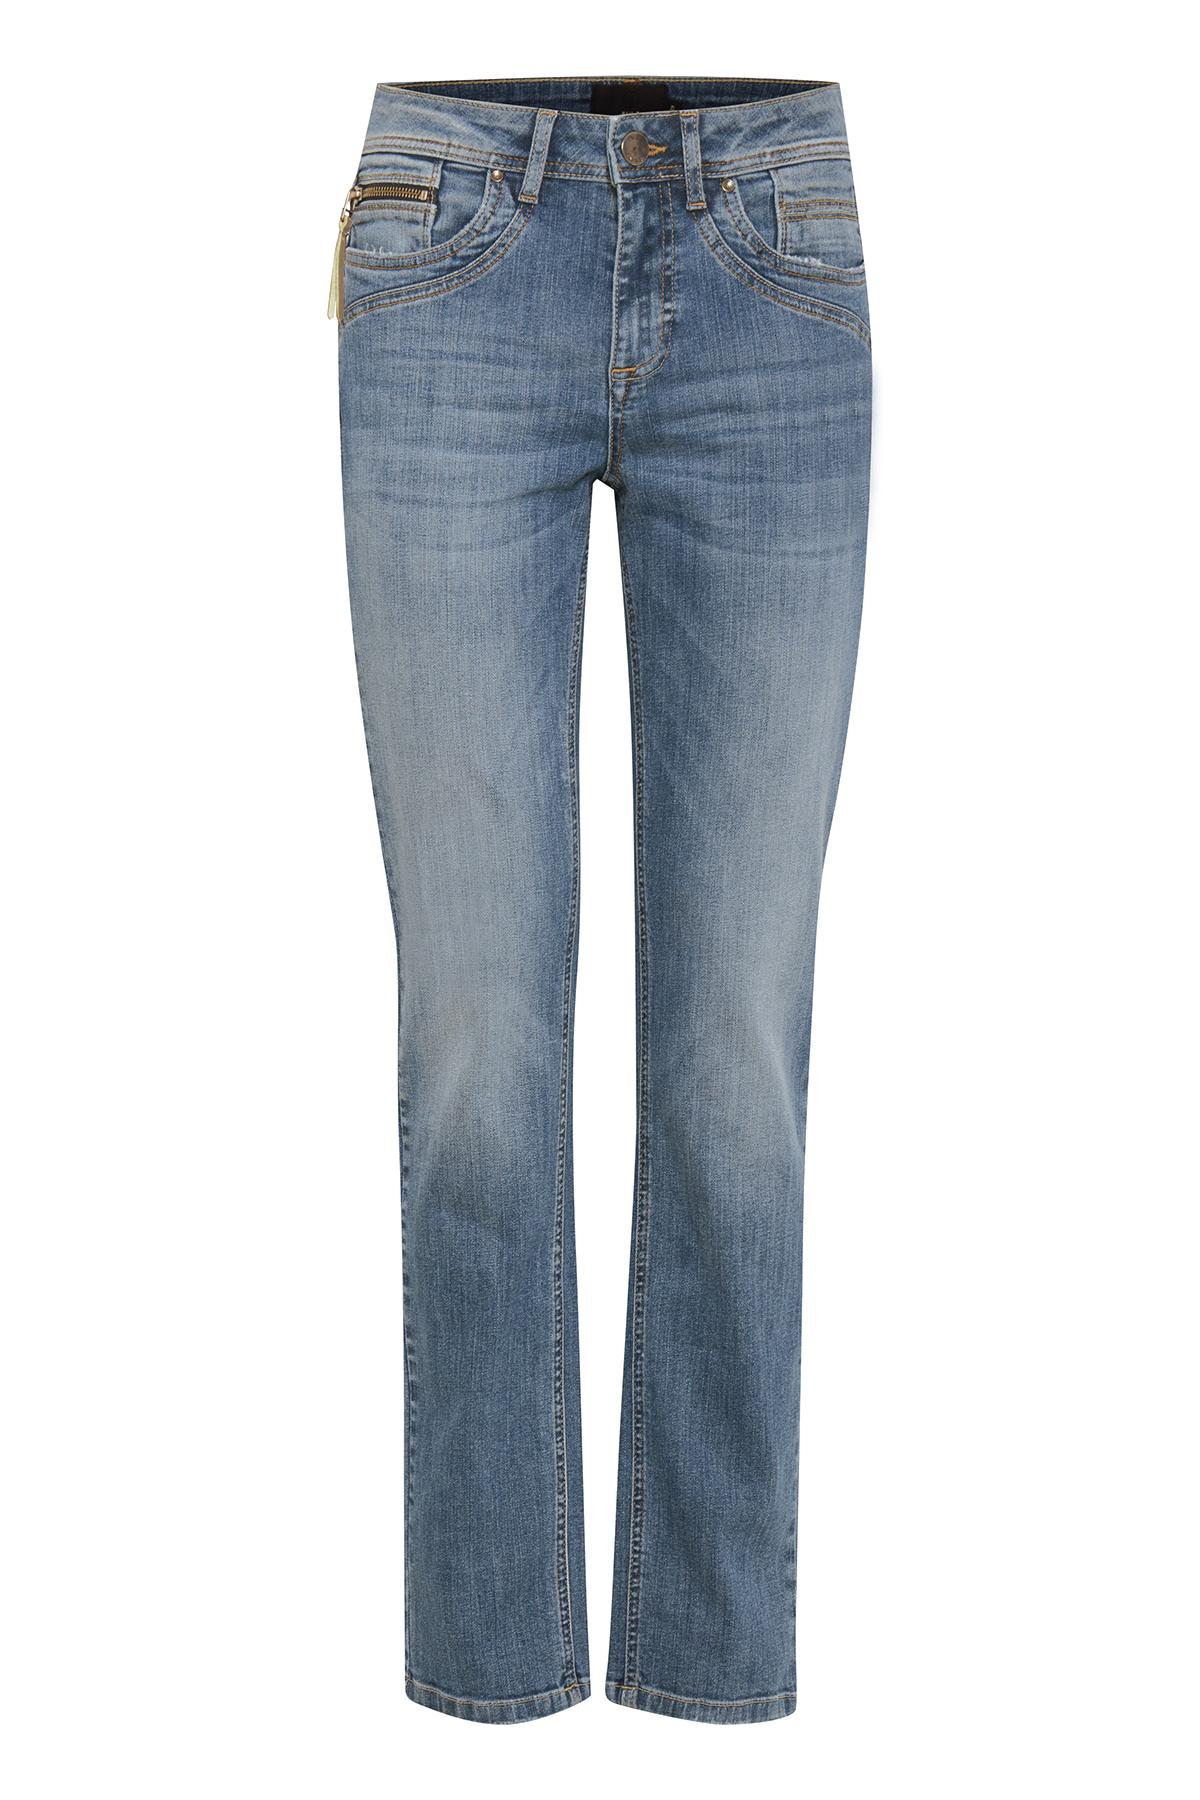 Image of Pulz Jeans Dame Højtaljede jeans - Lys denimblå